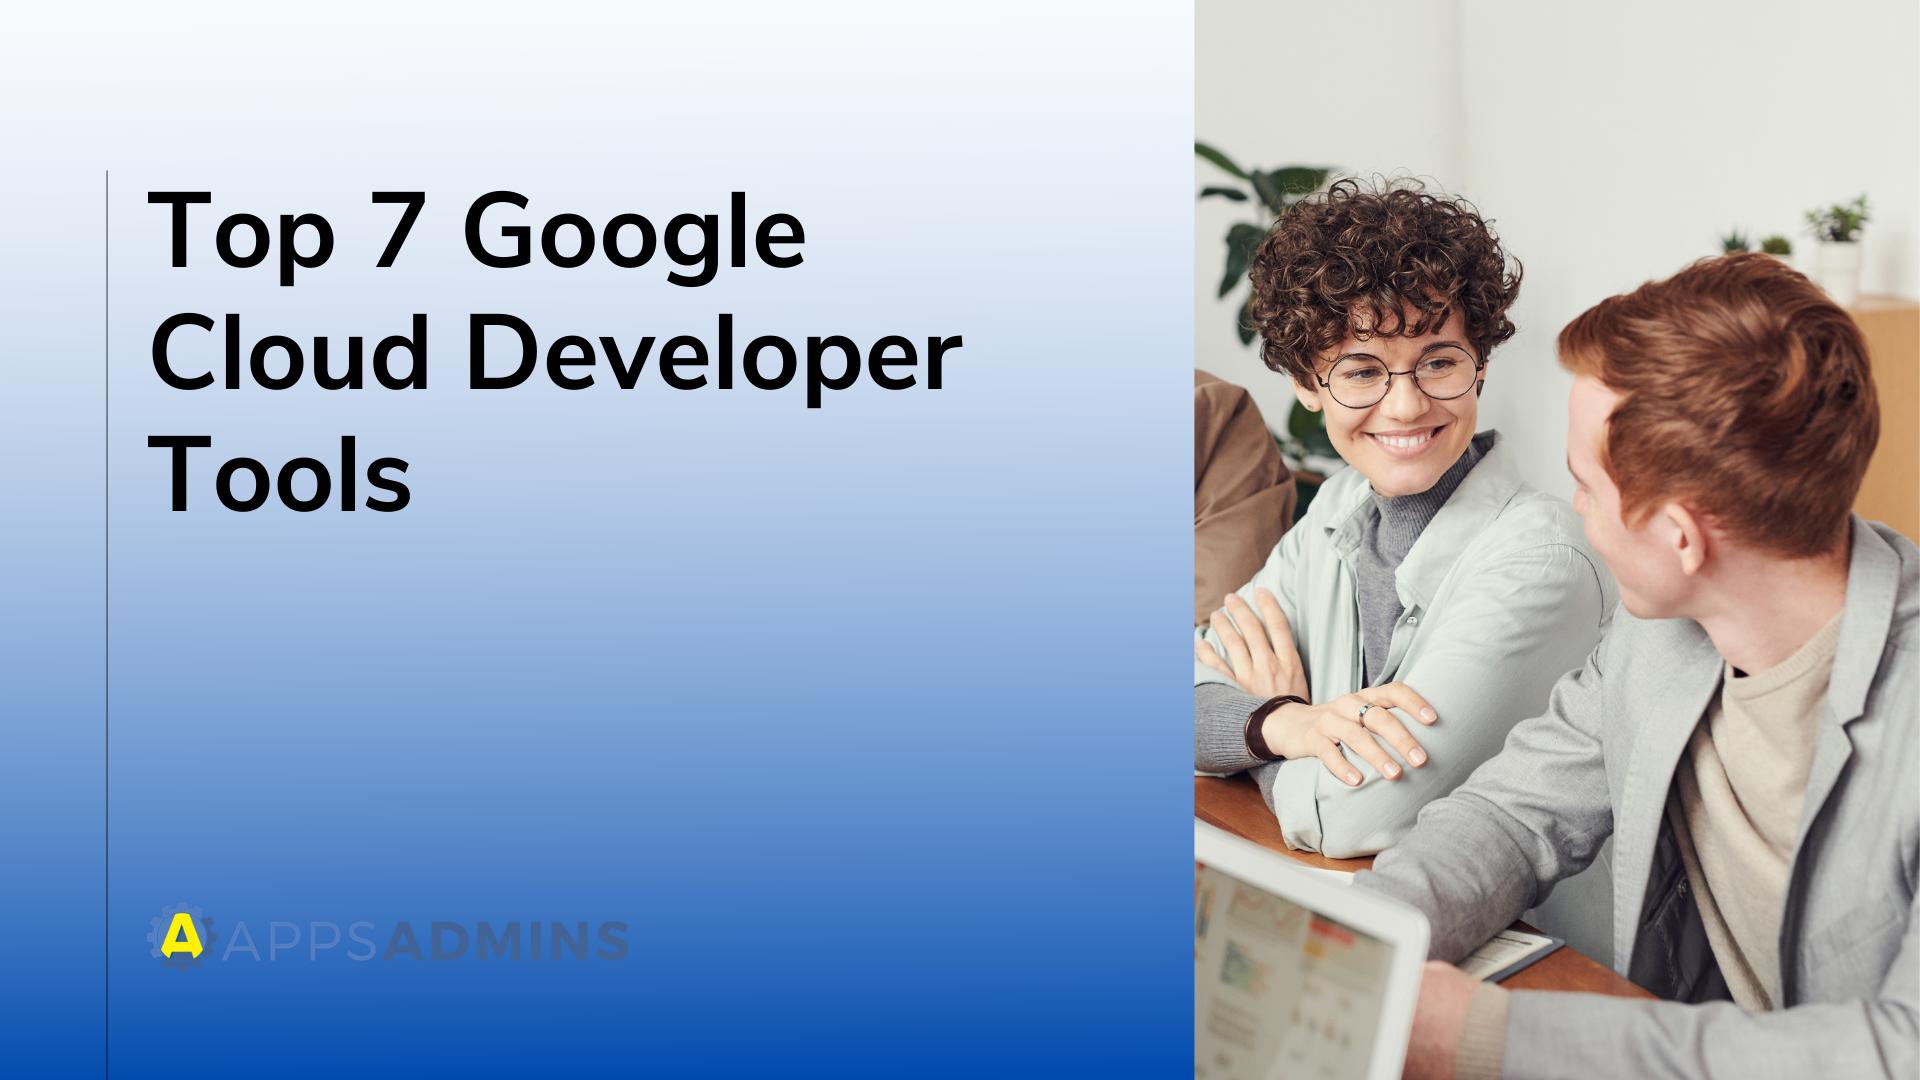 Top 7 Google Cloud Developer Tools